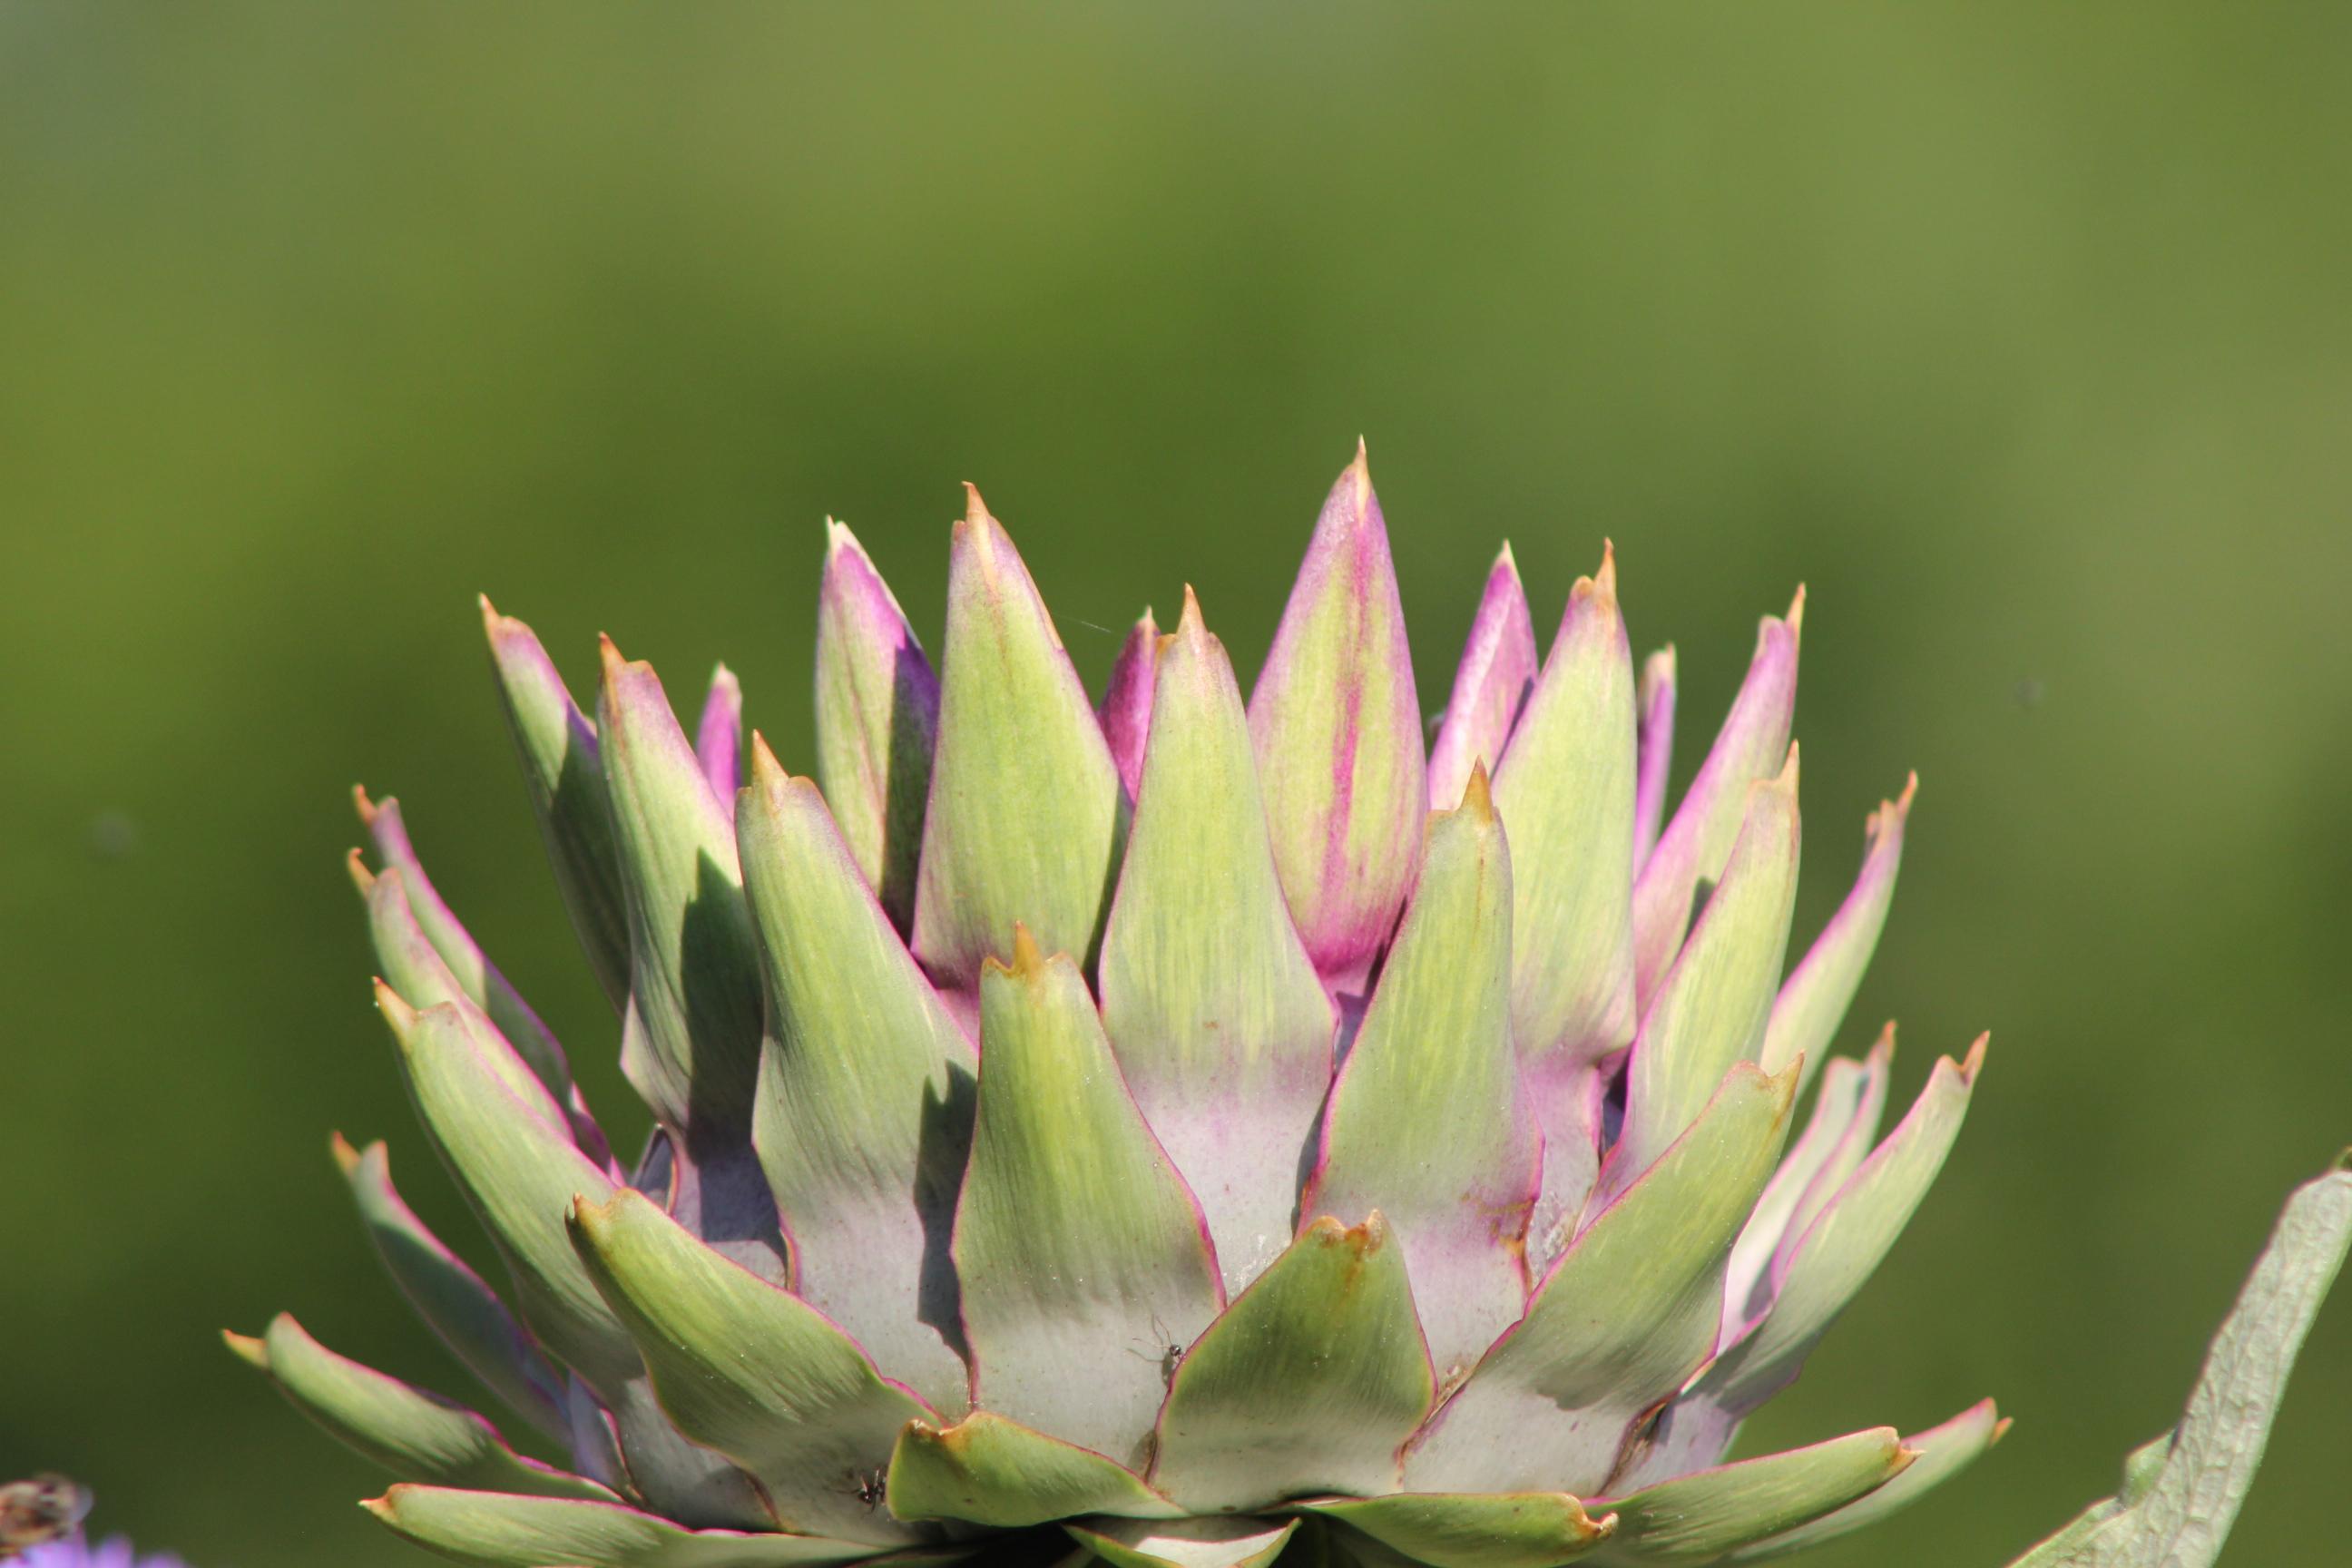 Hüllblätter des Blütenkorbes der Artischocke